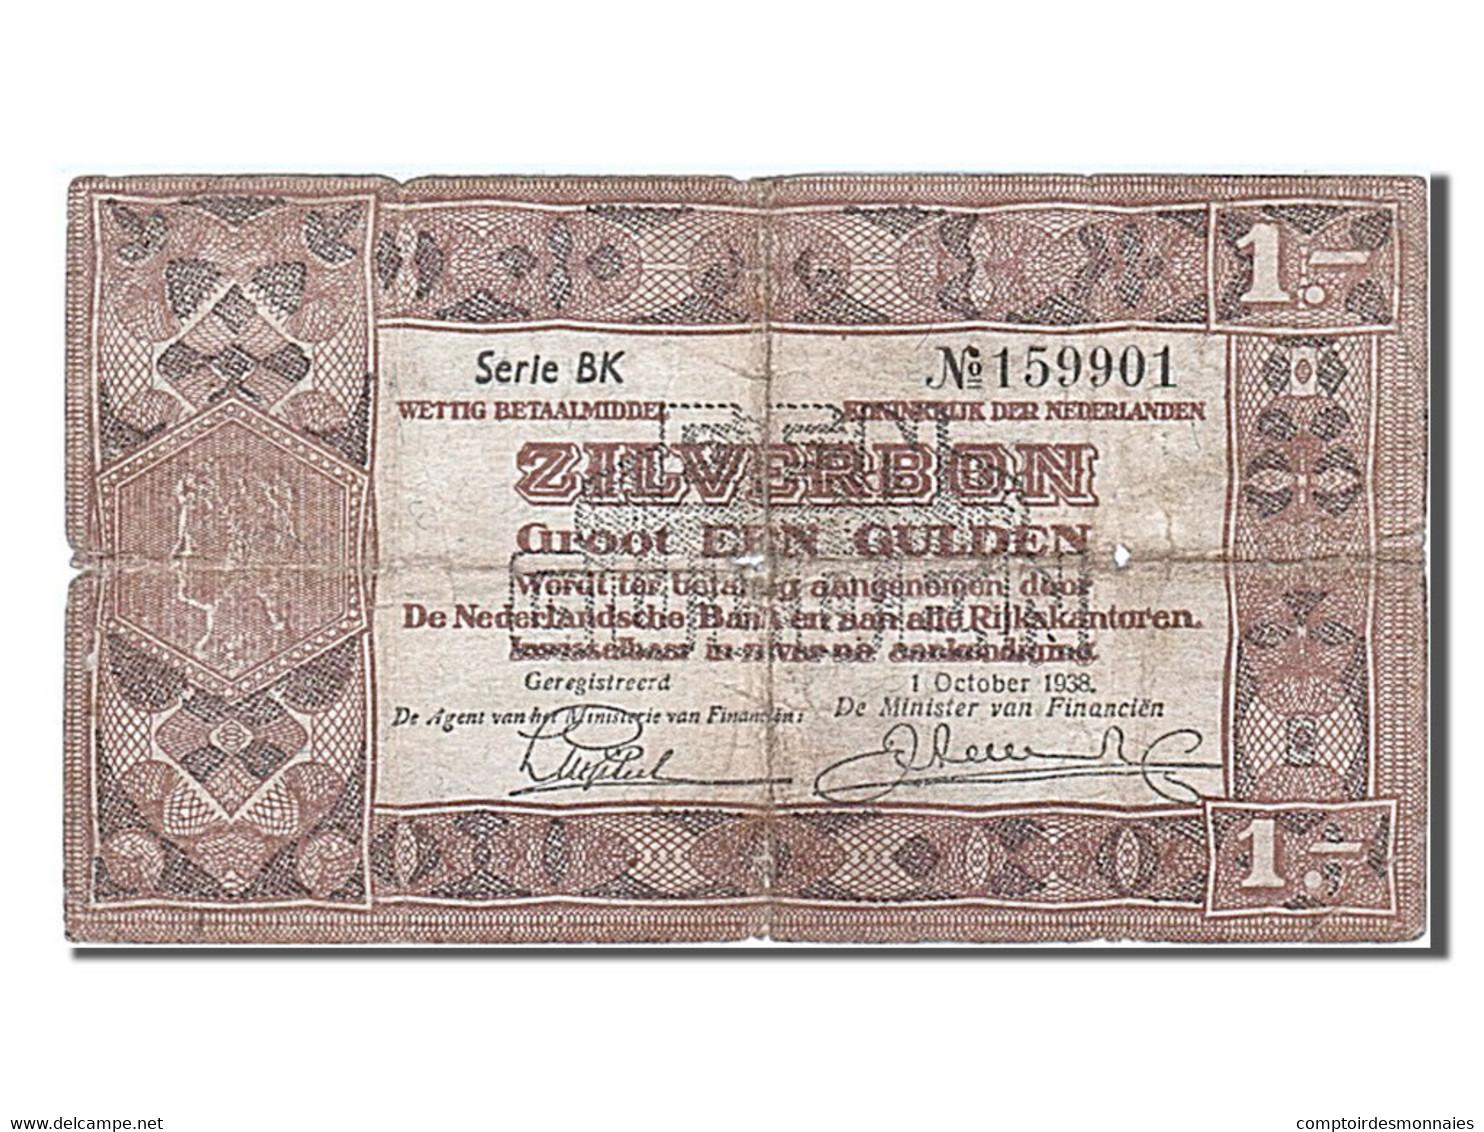 [#256102] Pays-Bas, 1 Gulden, Type 1938 - 1 Gulden